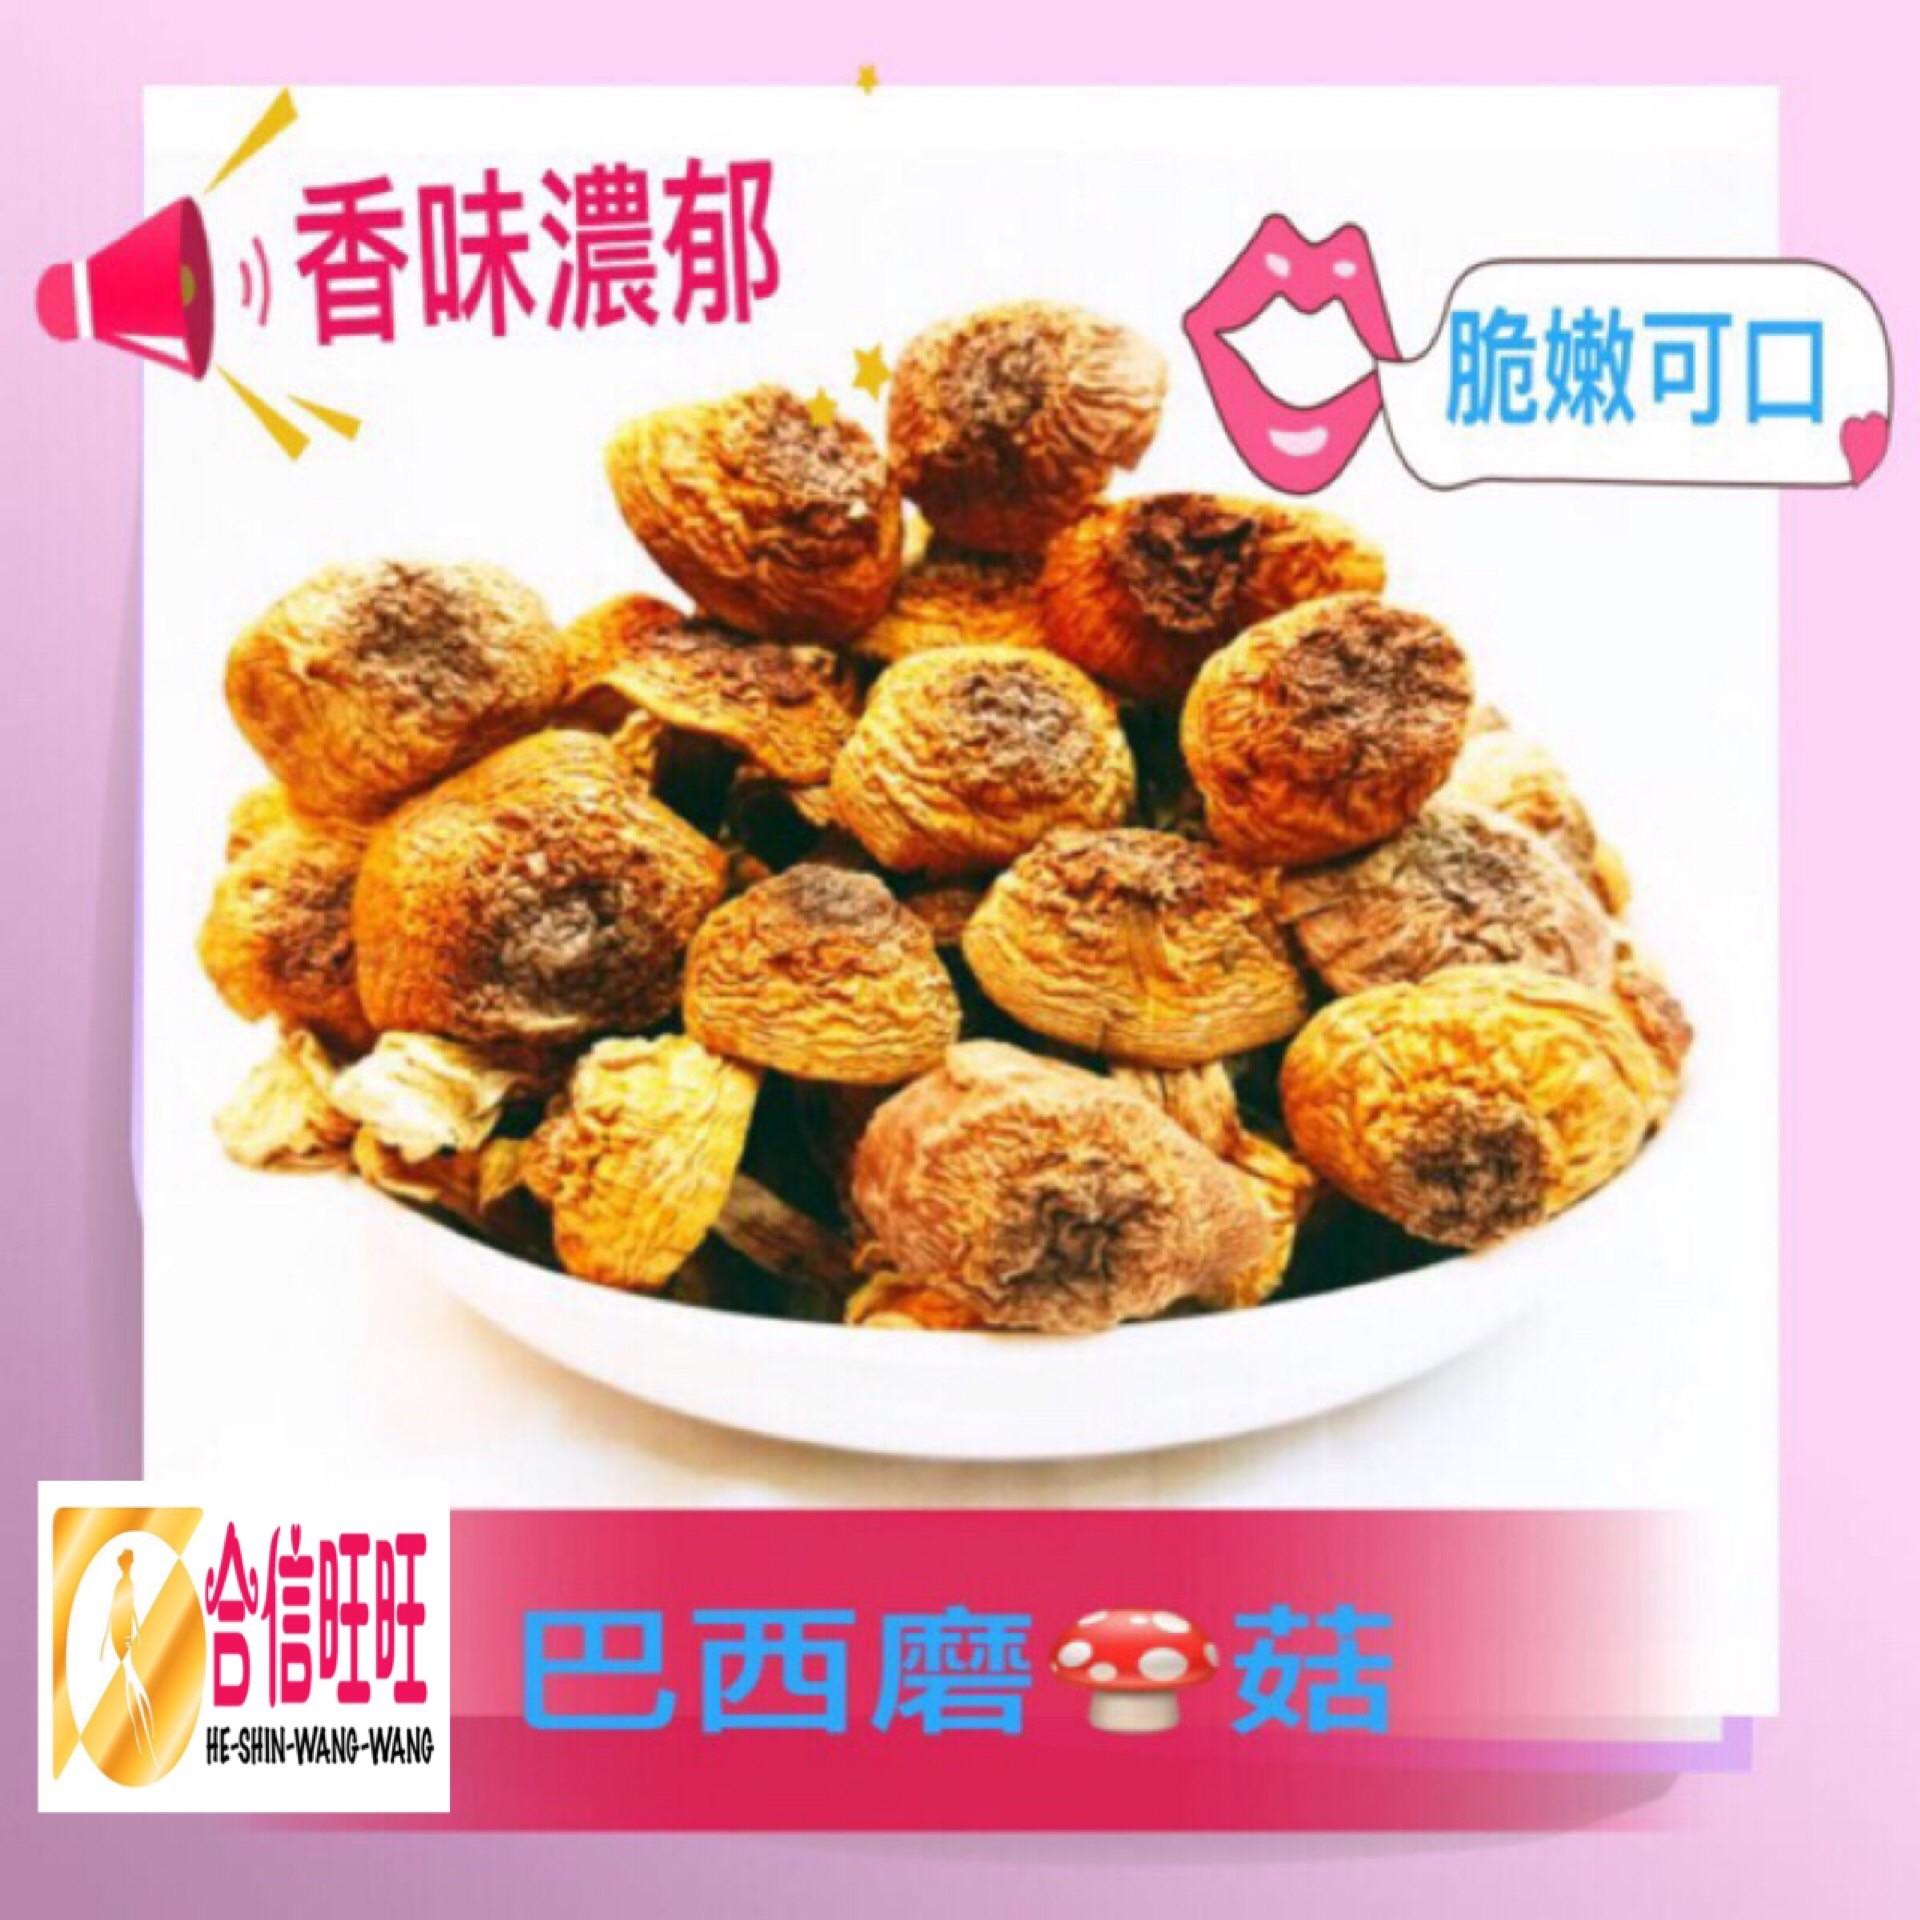 【巴西蘑菇】150克╱香味濃郁 脆嫩可口